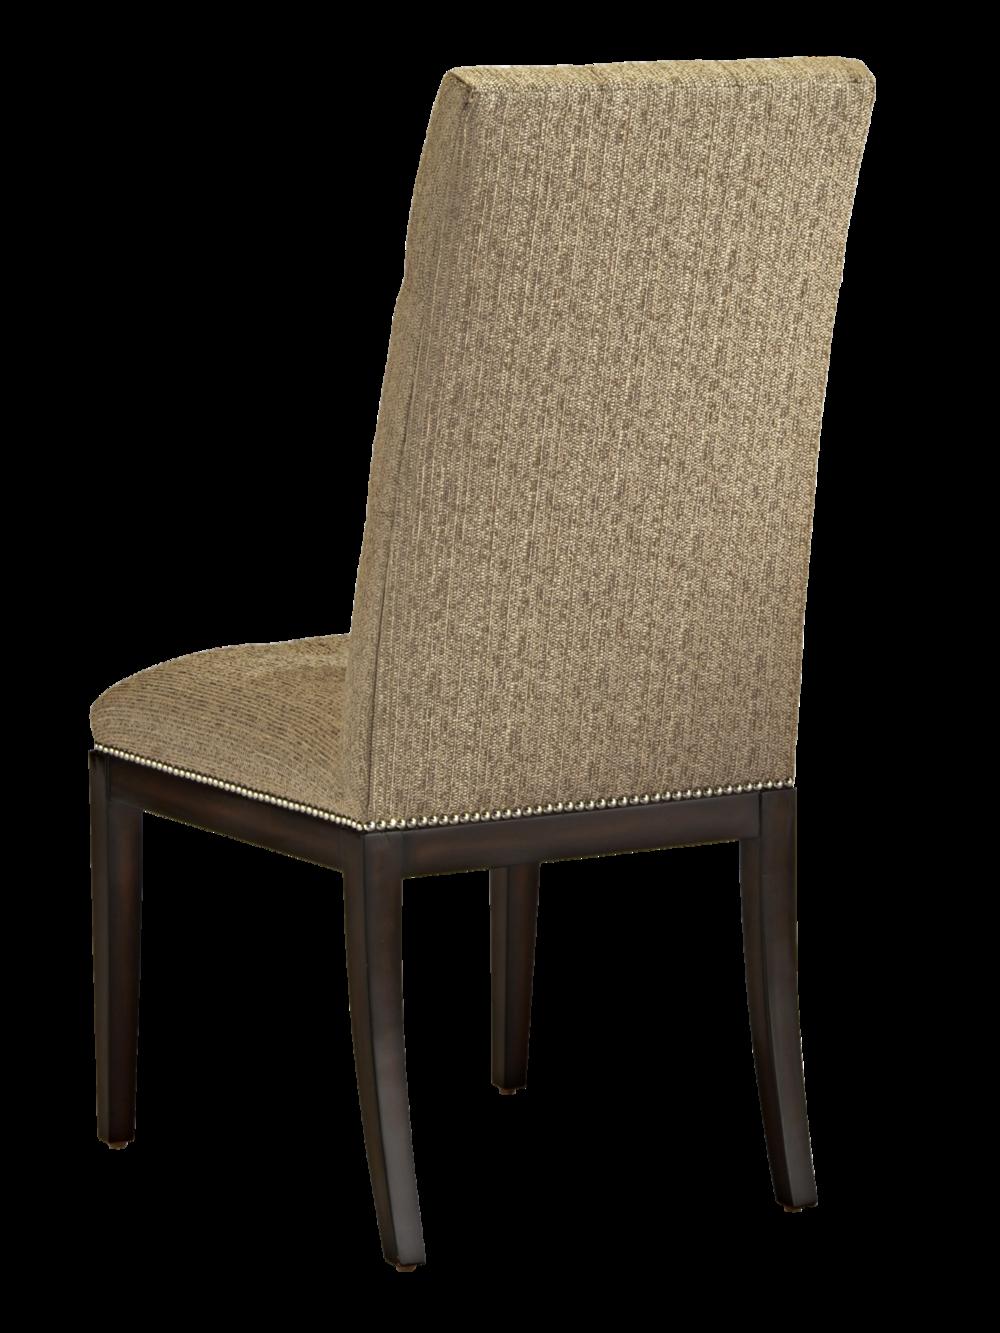 Marge Carson - Silverlake Side Chair